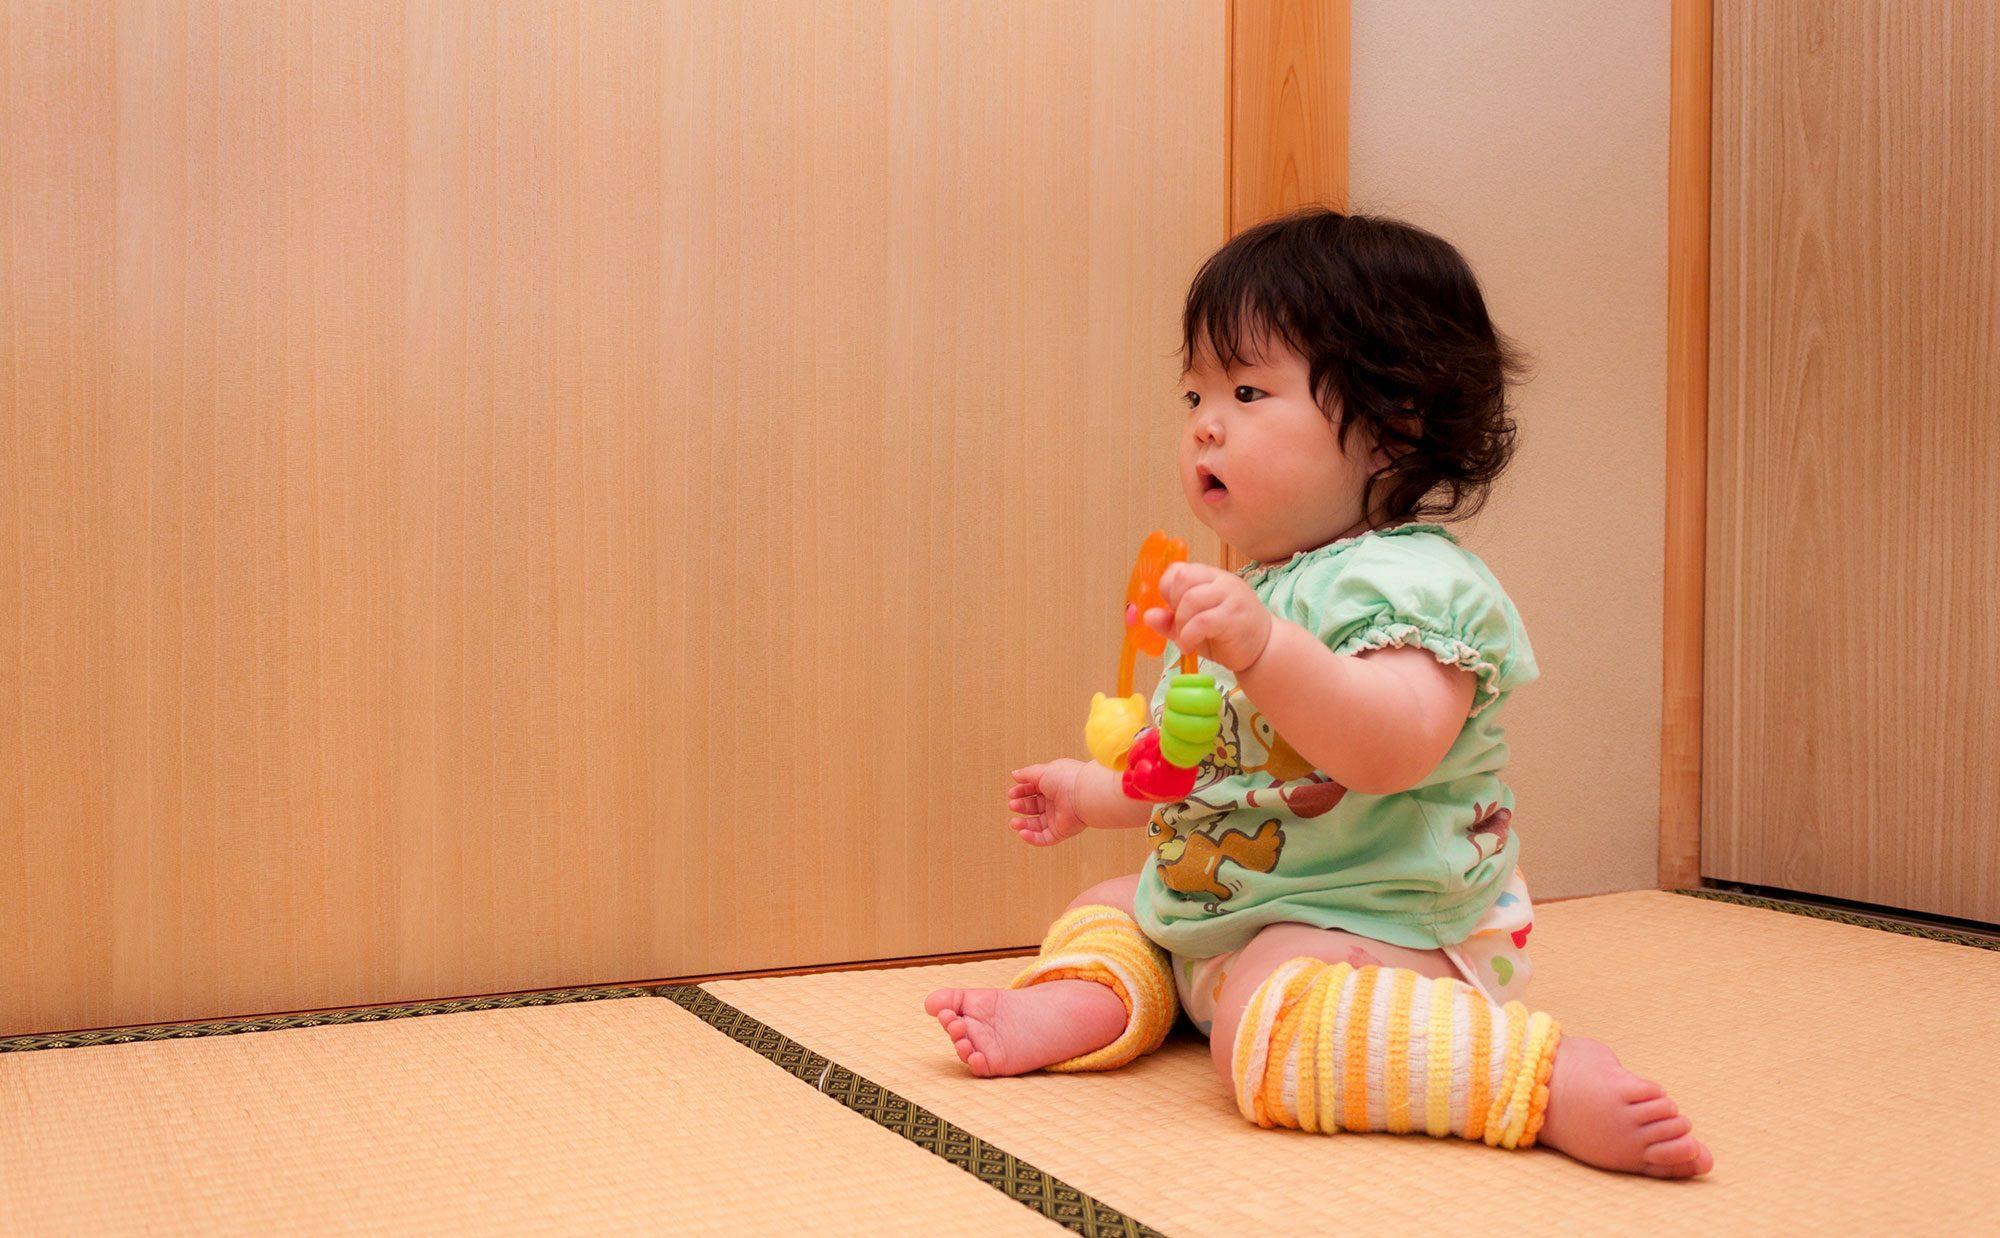 赤ちゃんには畳が必要? 和室のリアルな使い勝手をママが語ります